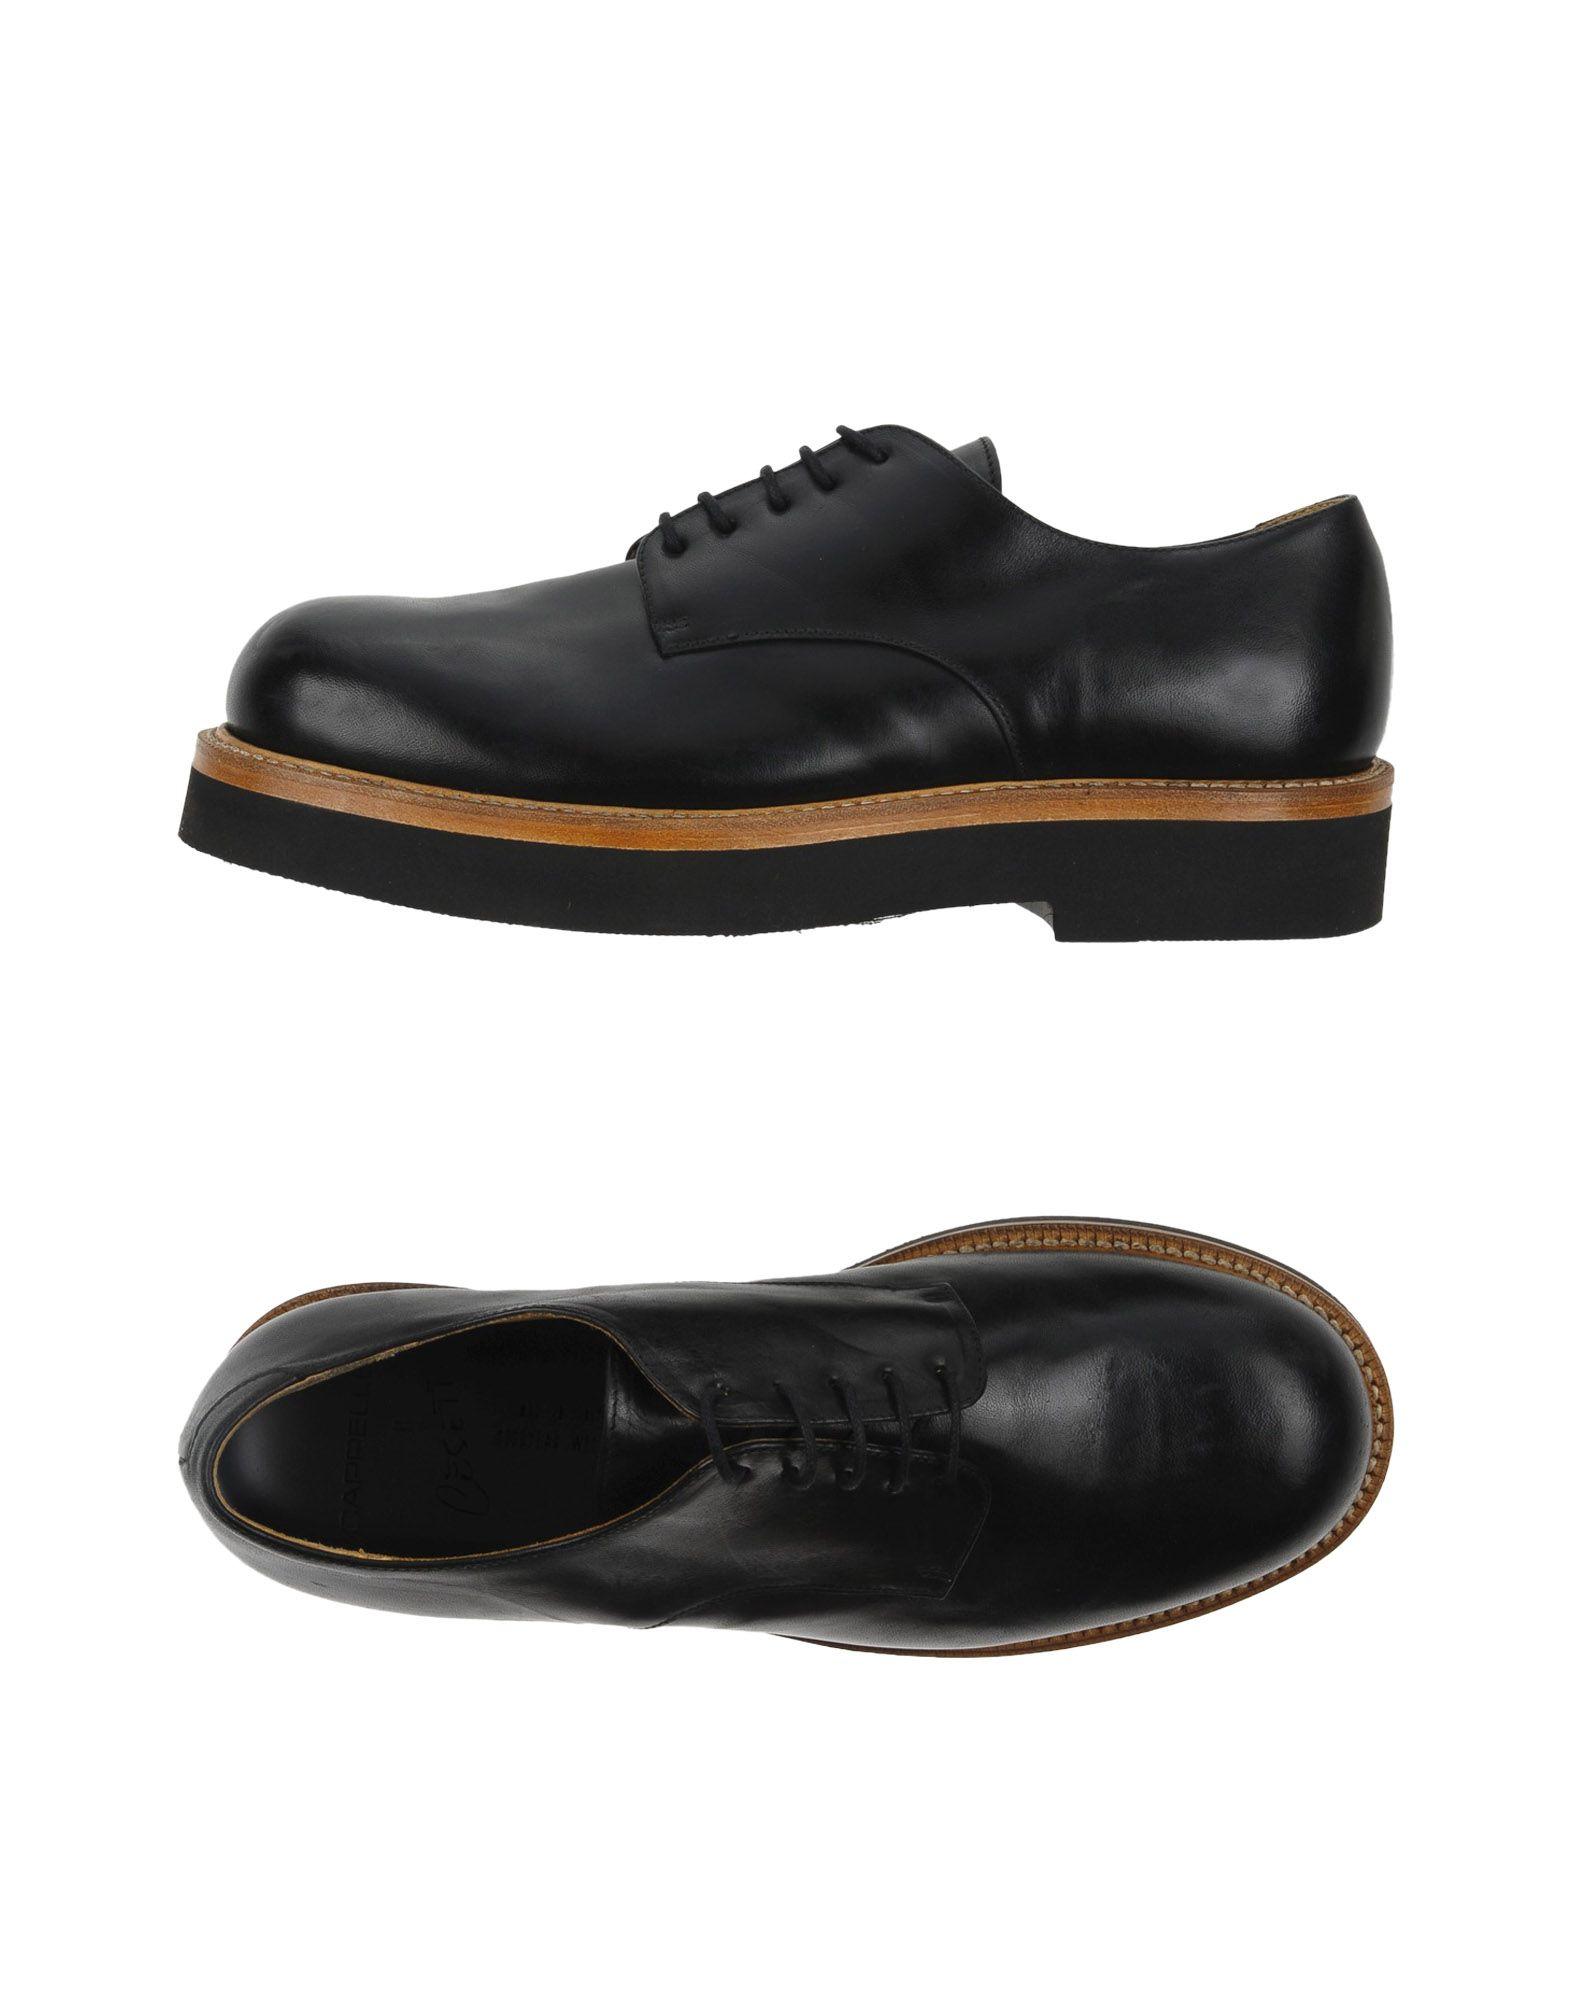 Cappelletti Schnürschuhe Herren Heiße  11238989CX Heiße Herren Schuhe 7506ae